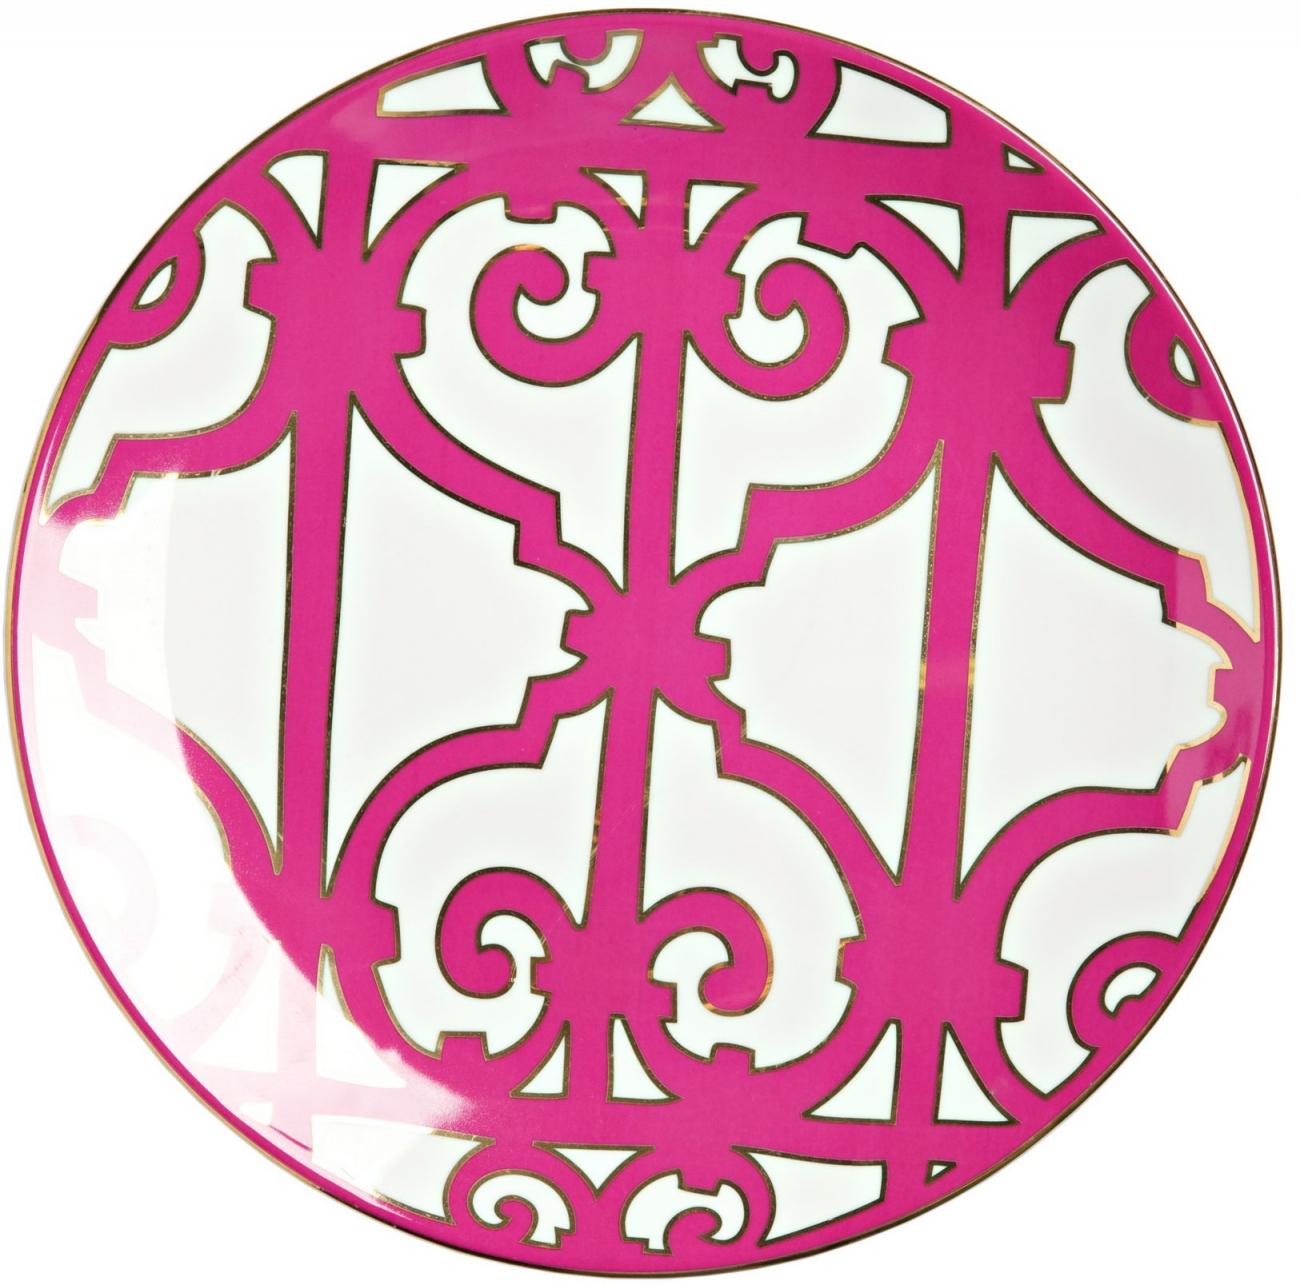 Купить Блюдо Sienna в интернет магазине дизайнерской мебели и аксессуаров для дома и дачи